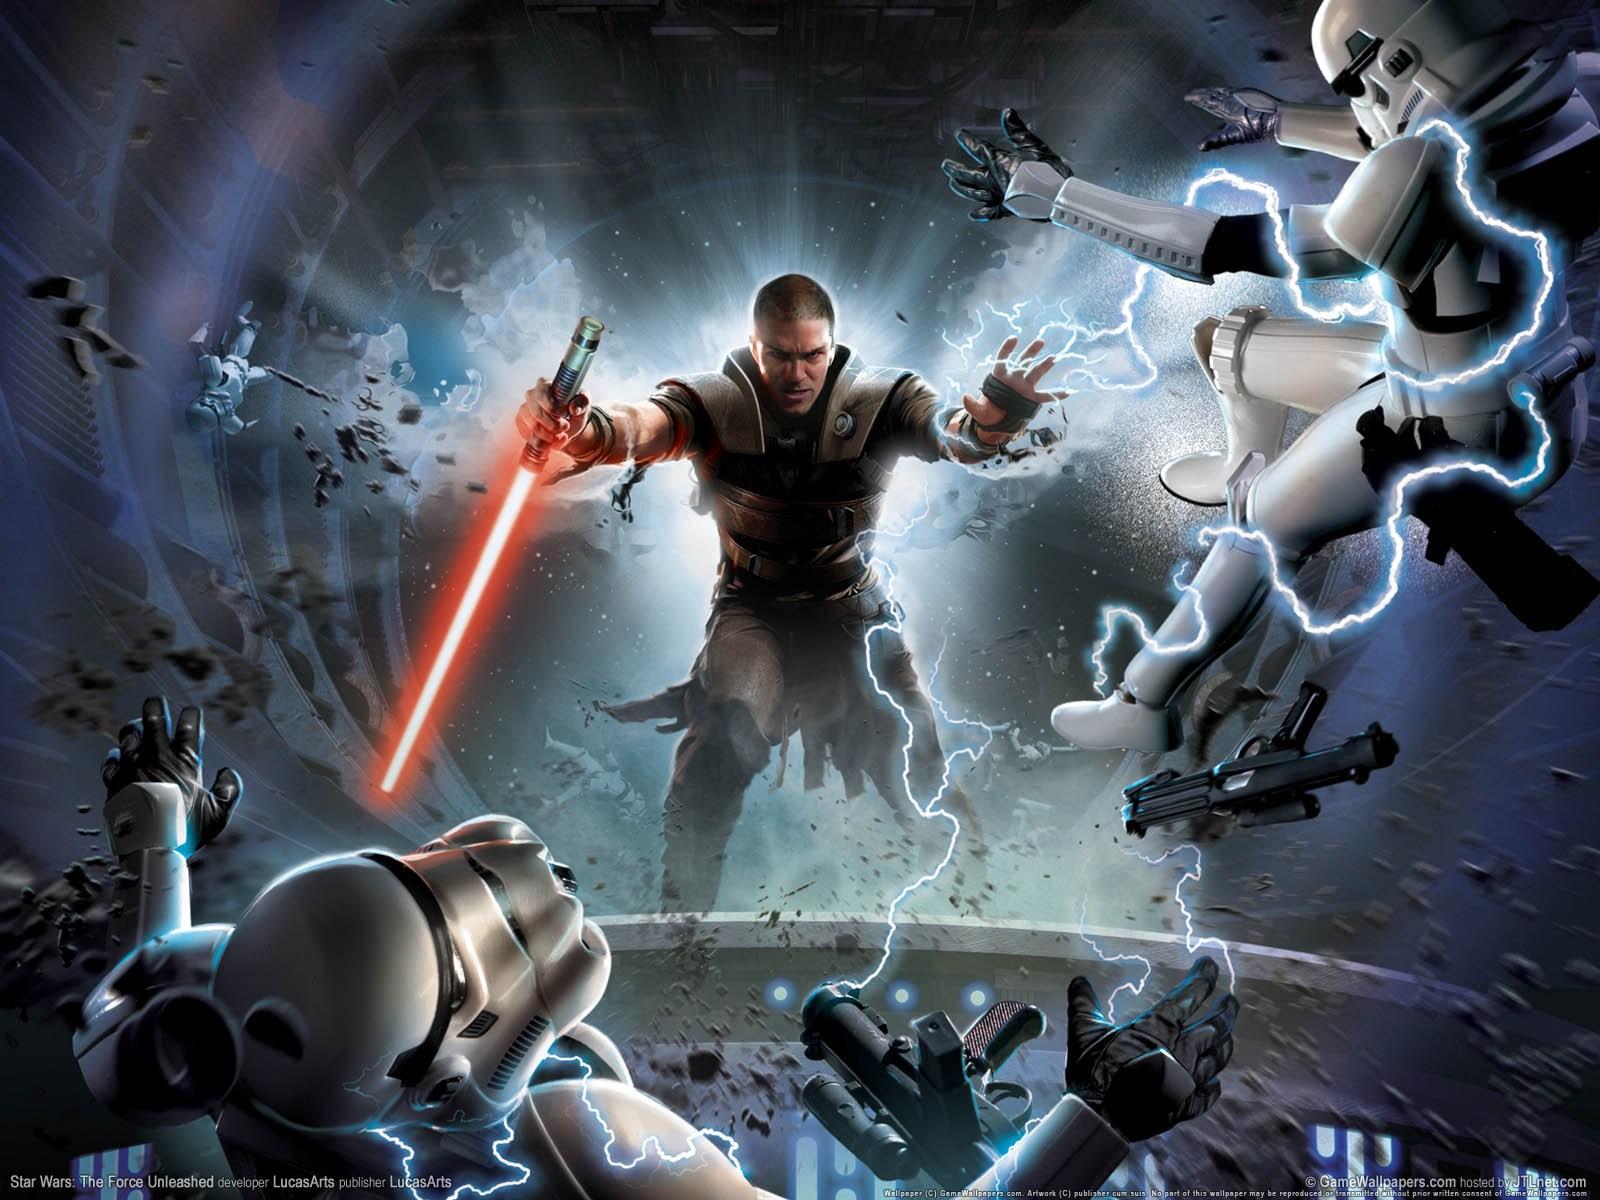 star wars games 1